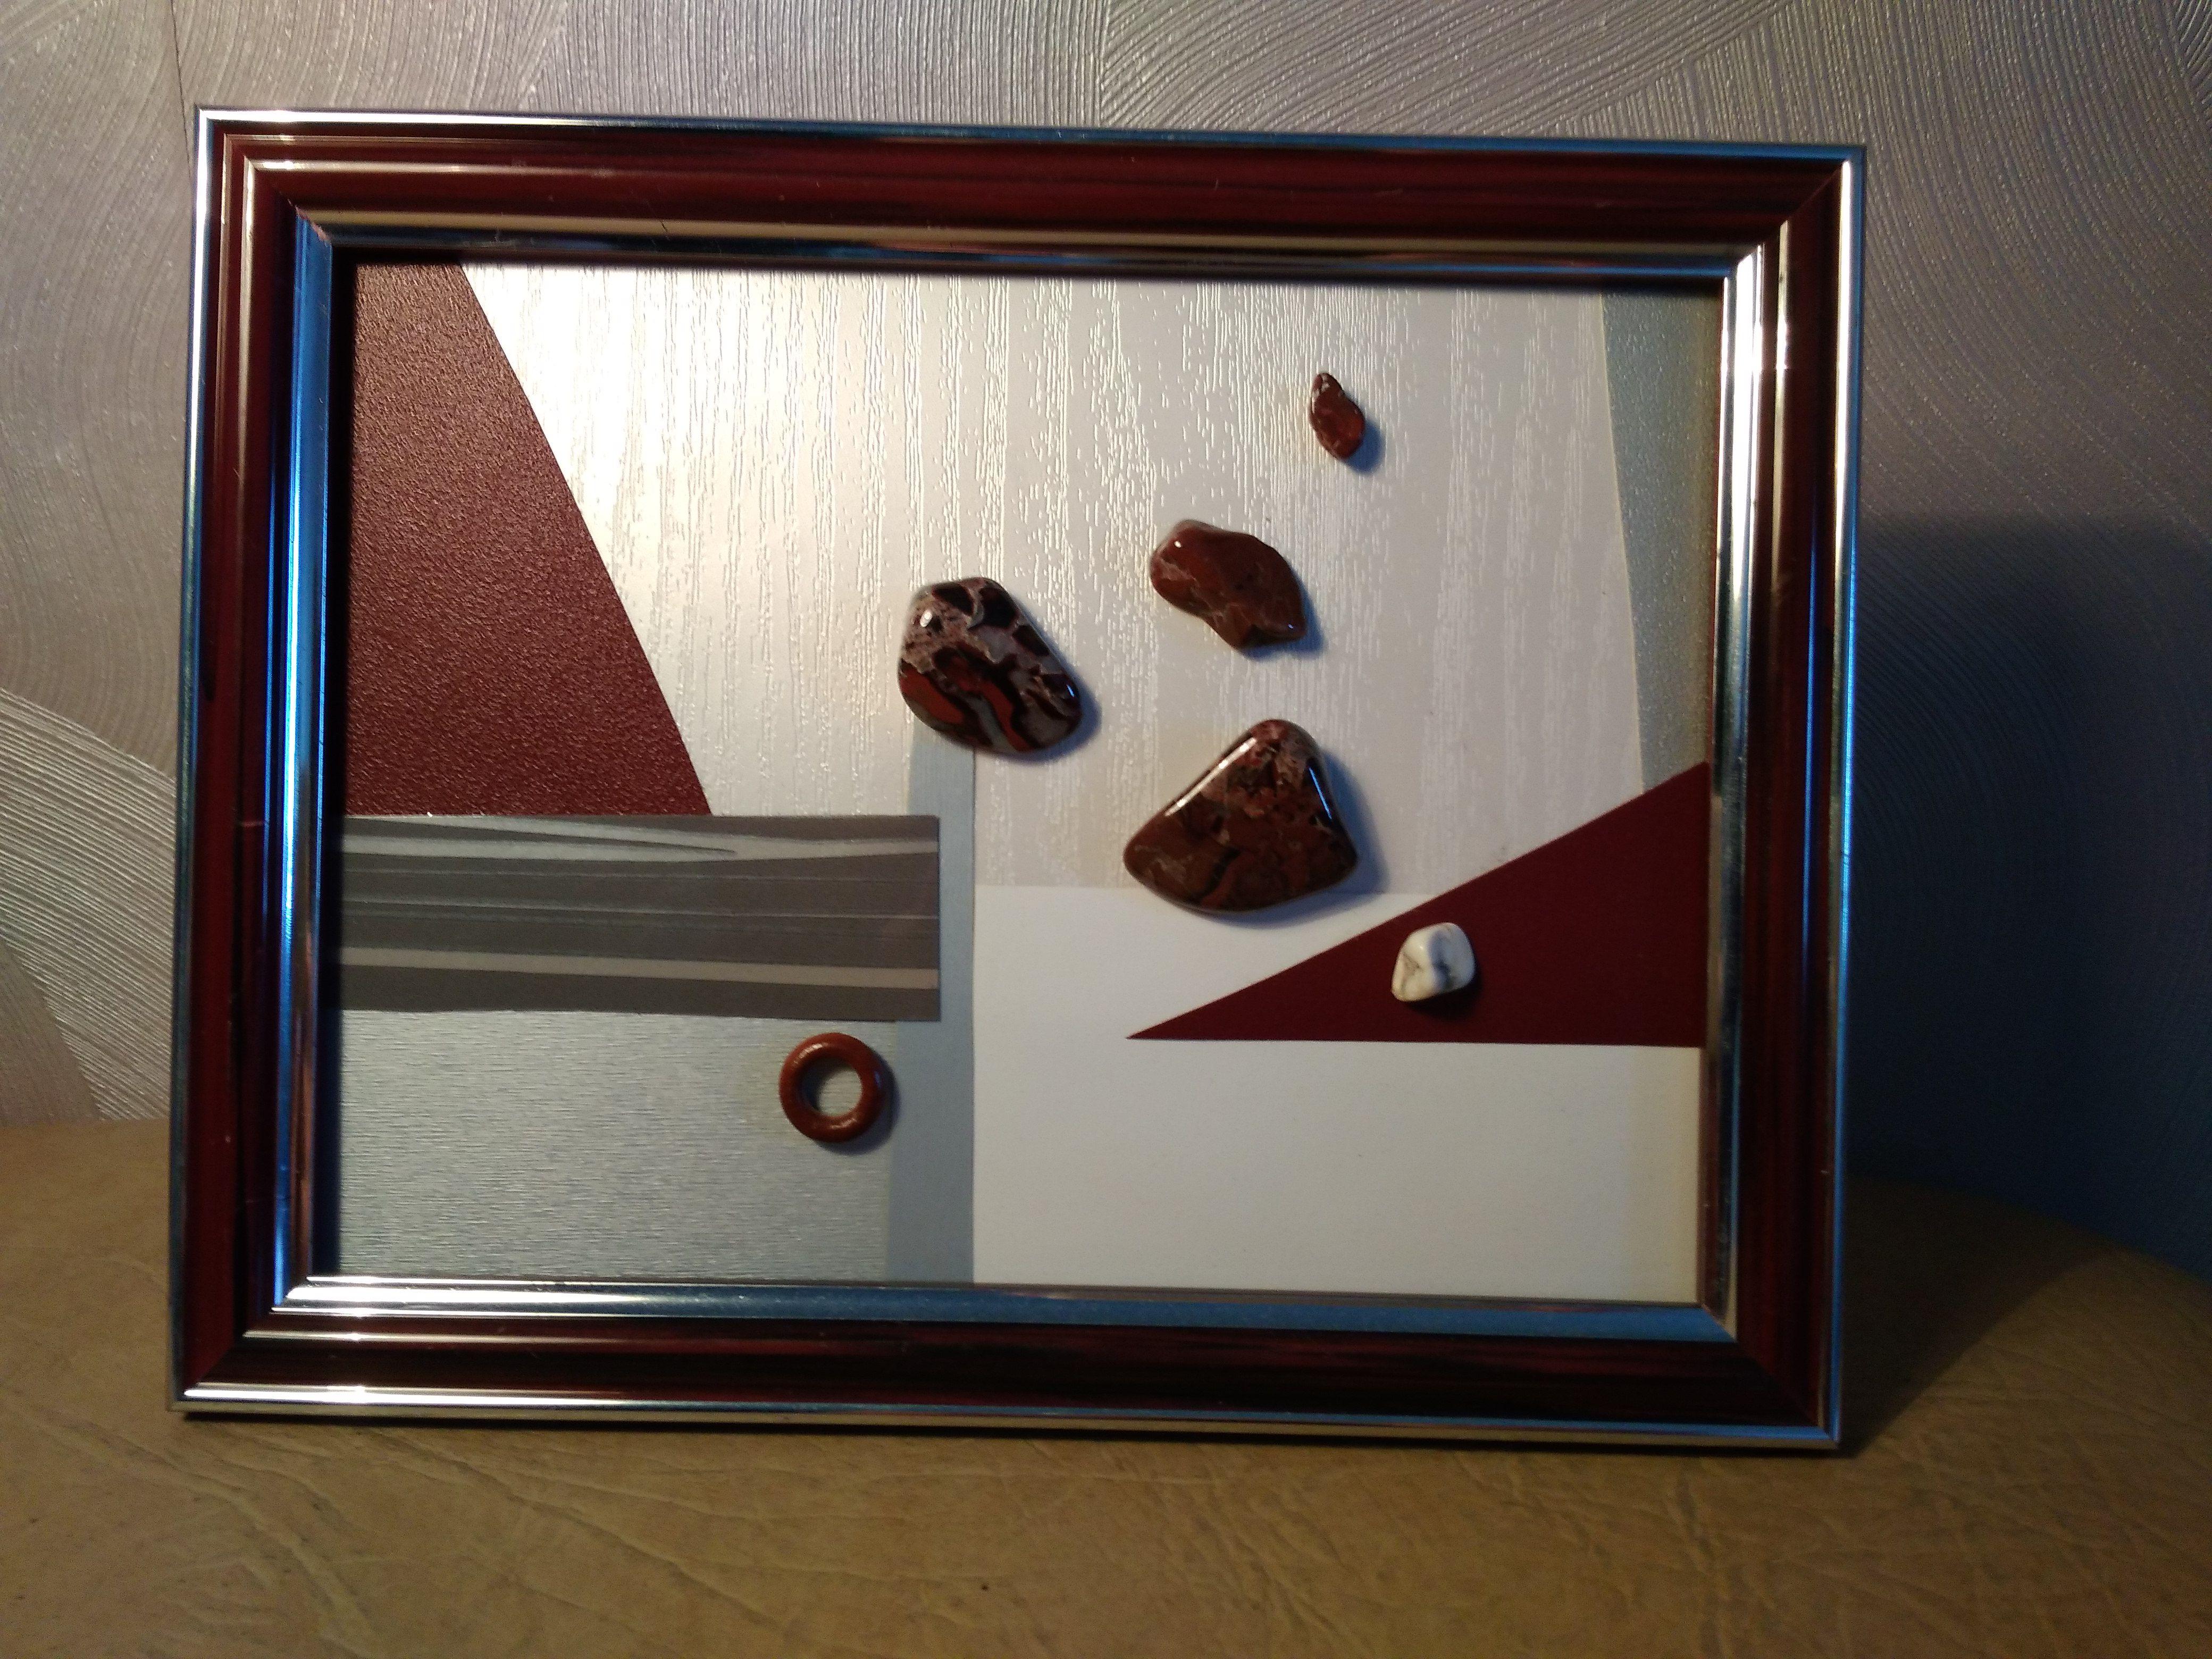 рамка кахалонг бордовая пестрая яшма деревяная камни красная коллаж натуральные картина